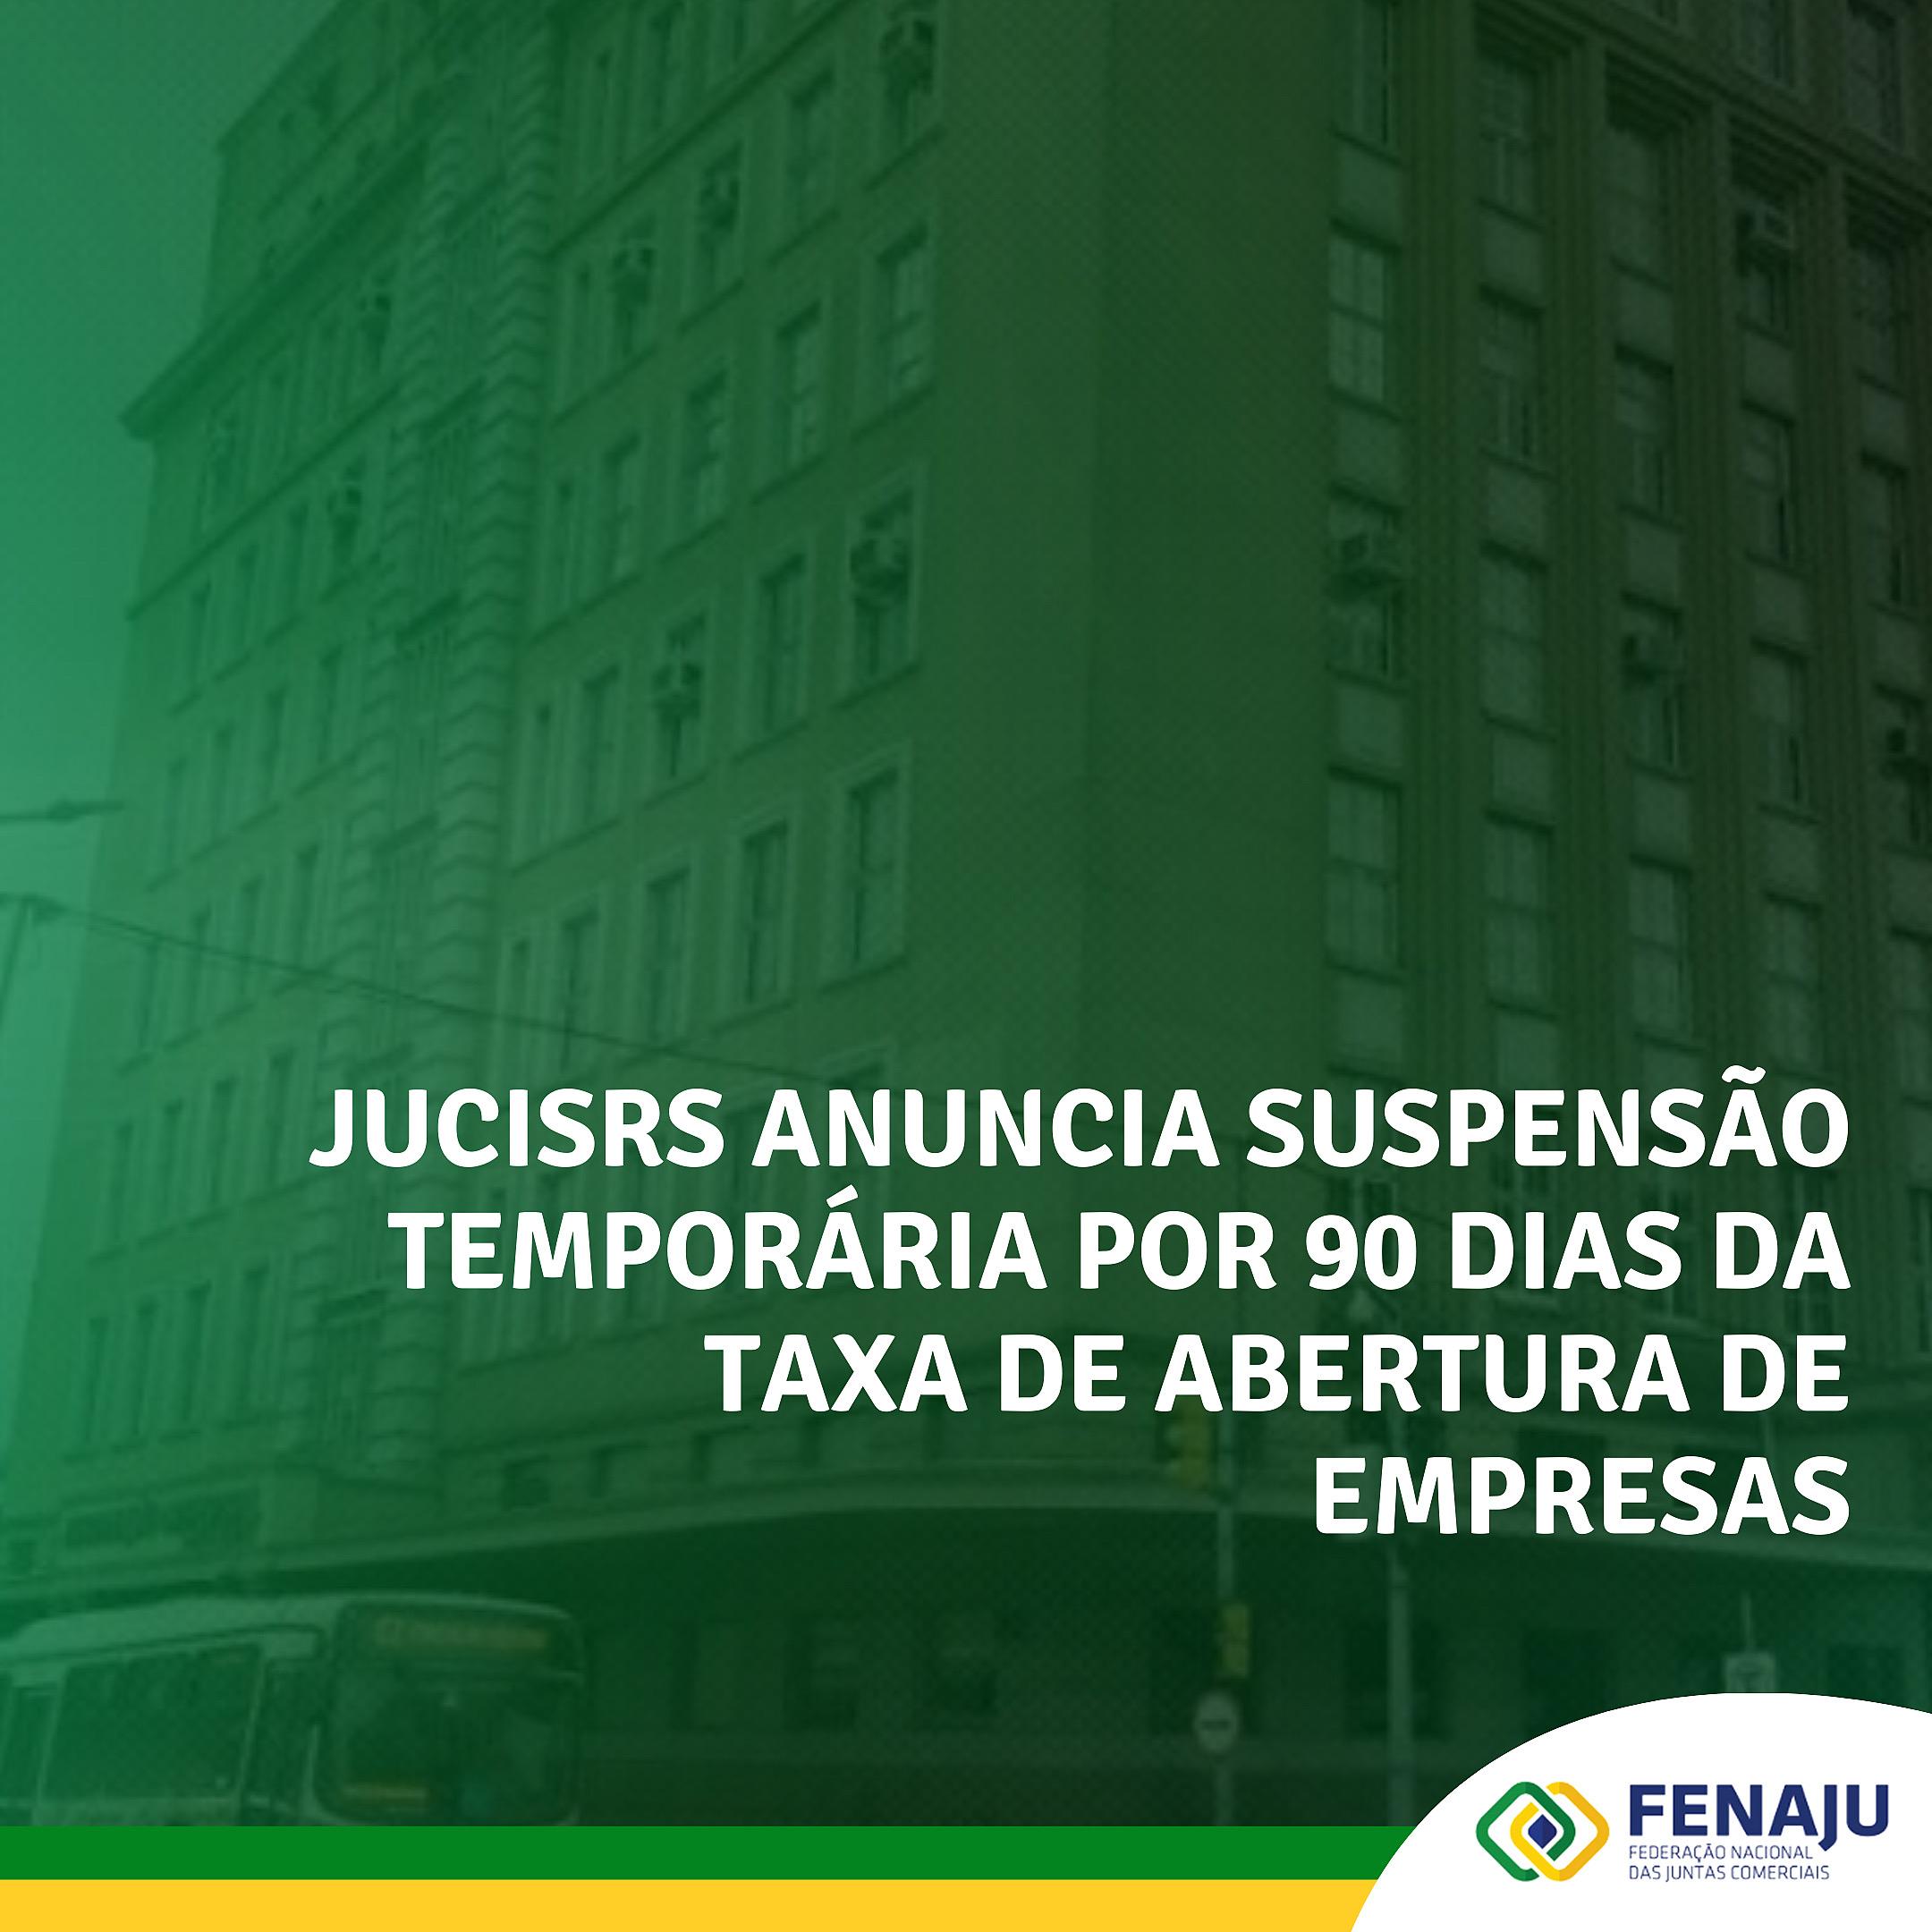 JUCISRS anuncia suspensão temporária por 90 dias da taxa de abertura de empresas